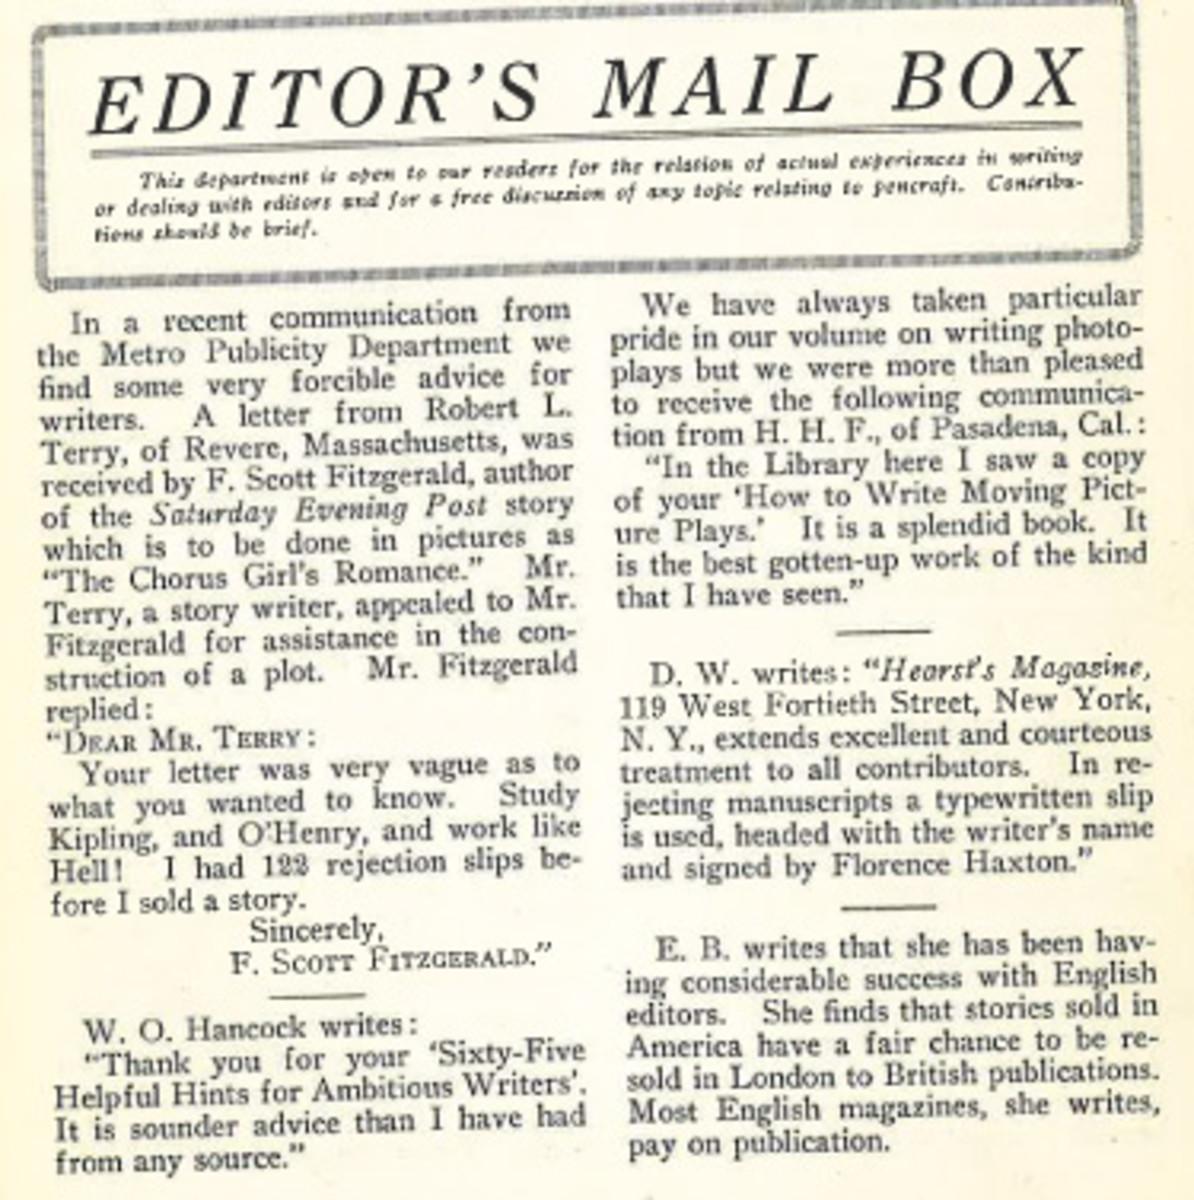 Writer's Digest - Editor's Mail Box: F. Scott Fitzgerald